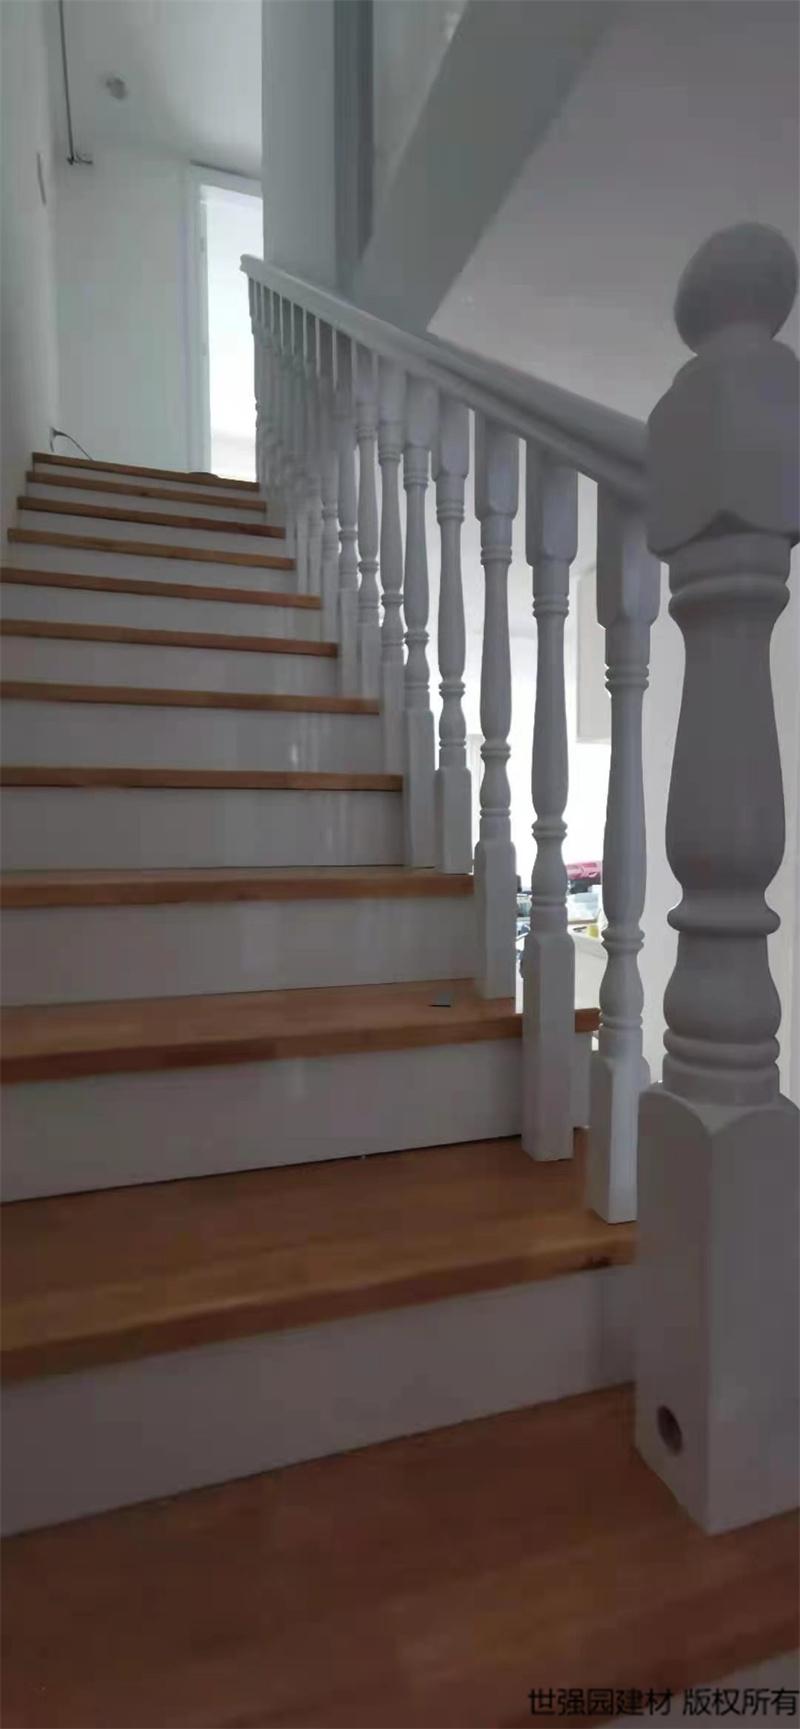 海口远大楼梯包实木踏步板护栏扶手安装